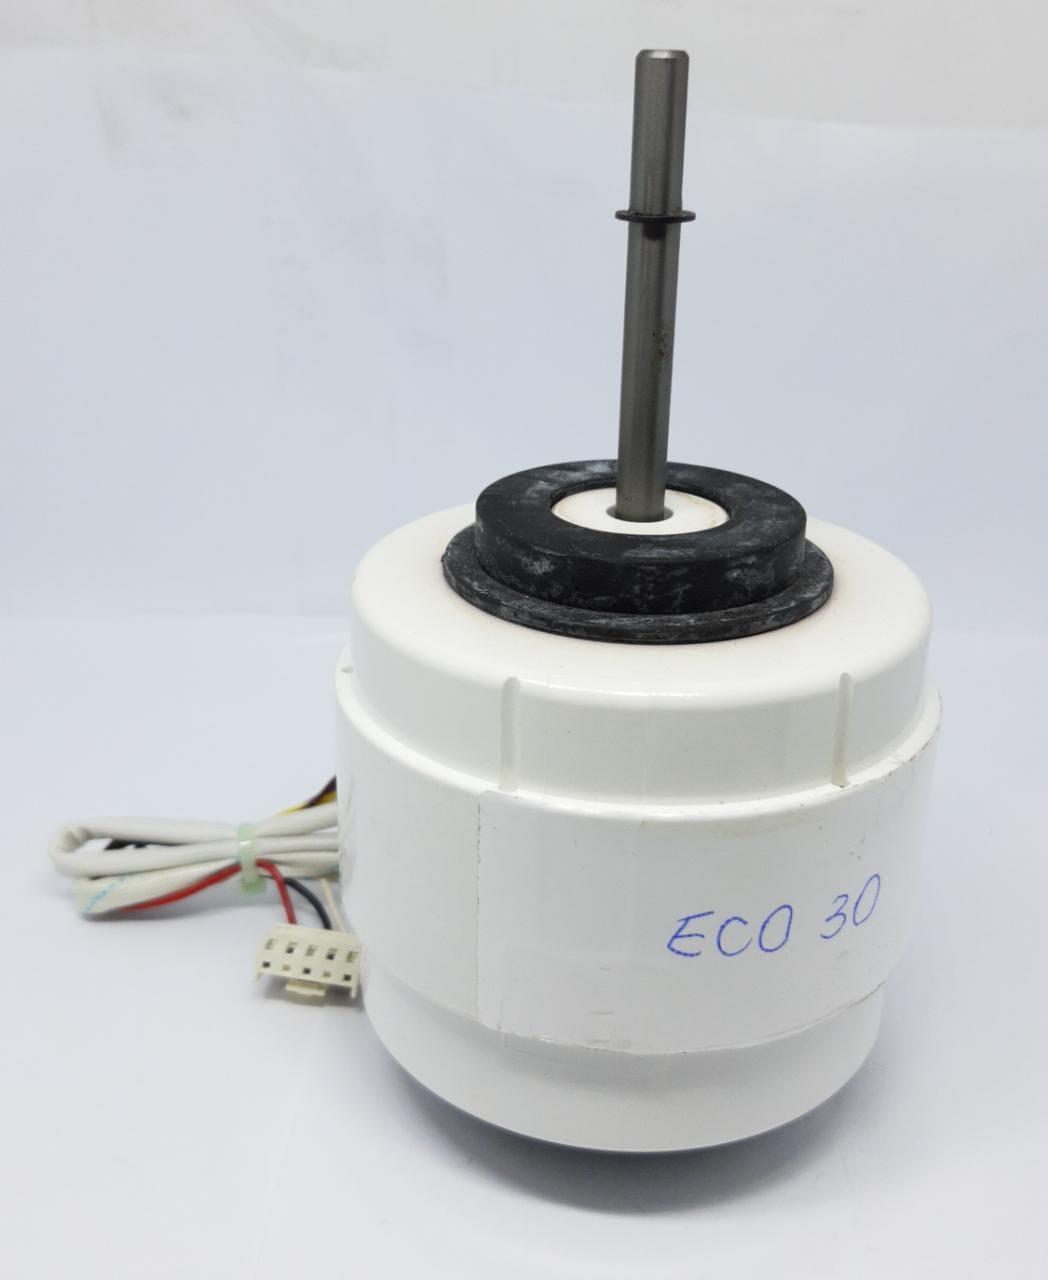 Motor Ventilador Evaporadora 30.000 Btus Agratto Eco Ecs30 Original